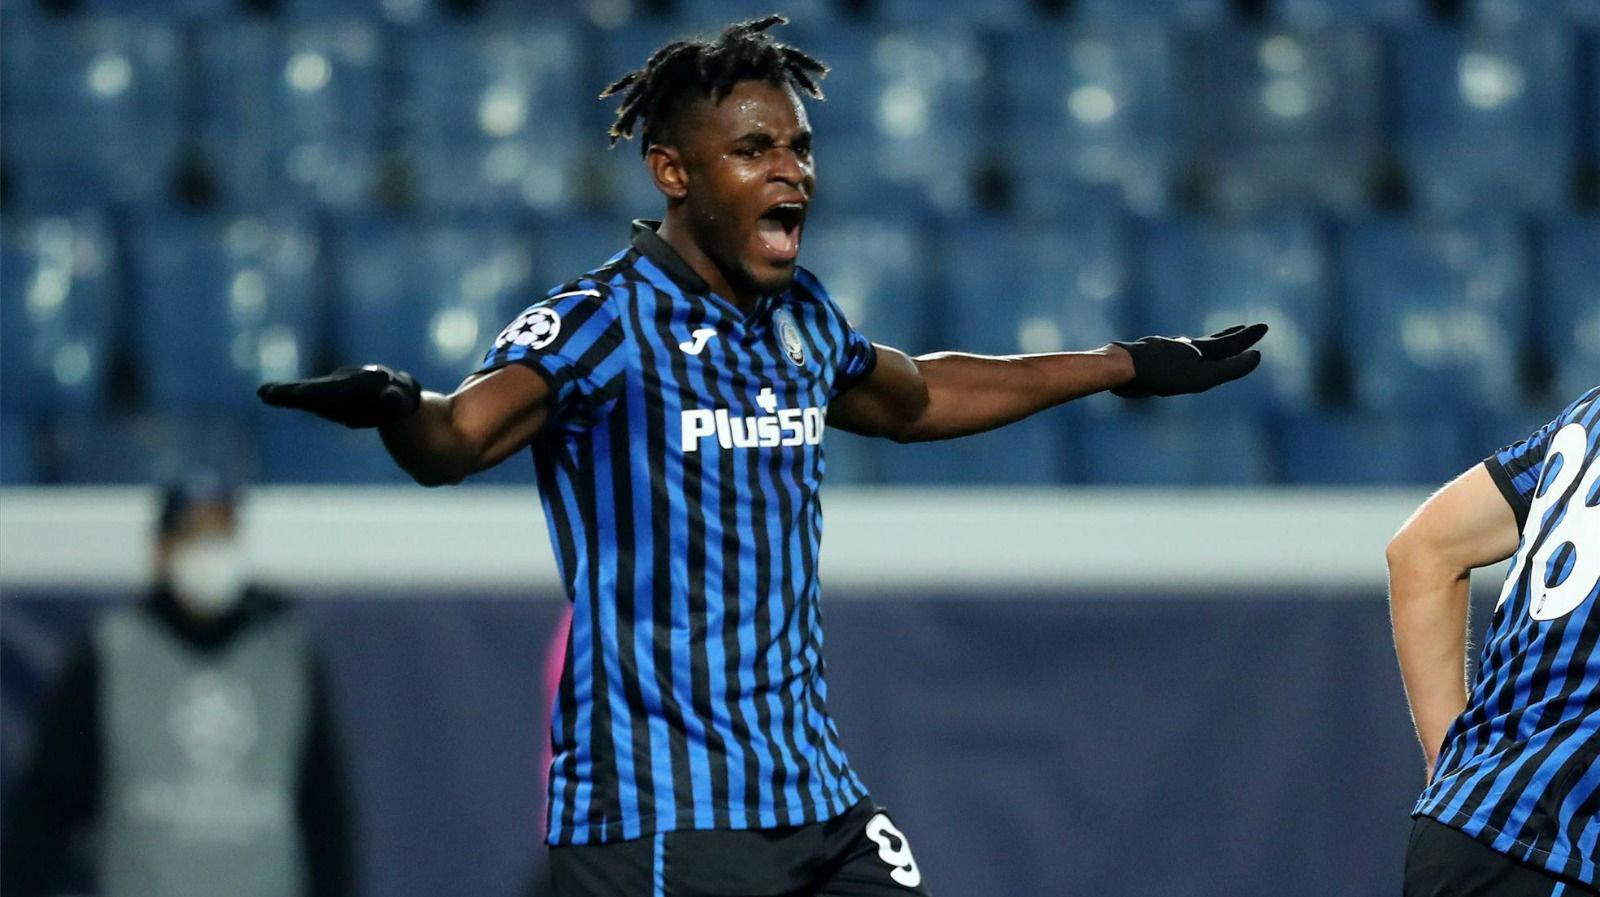 El doblete de Zapata para remontar al Ajax